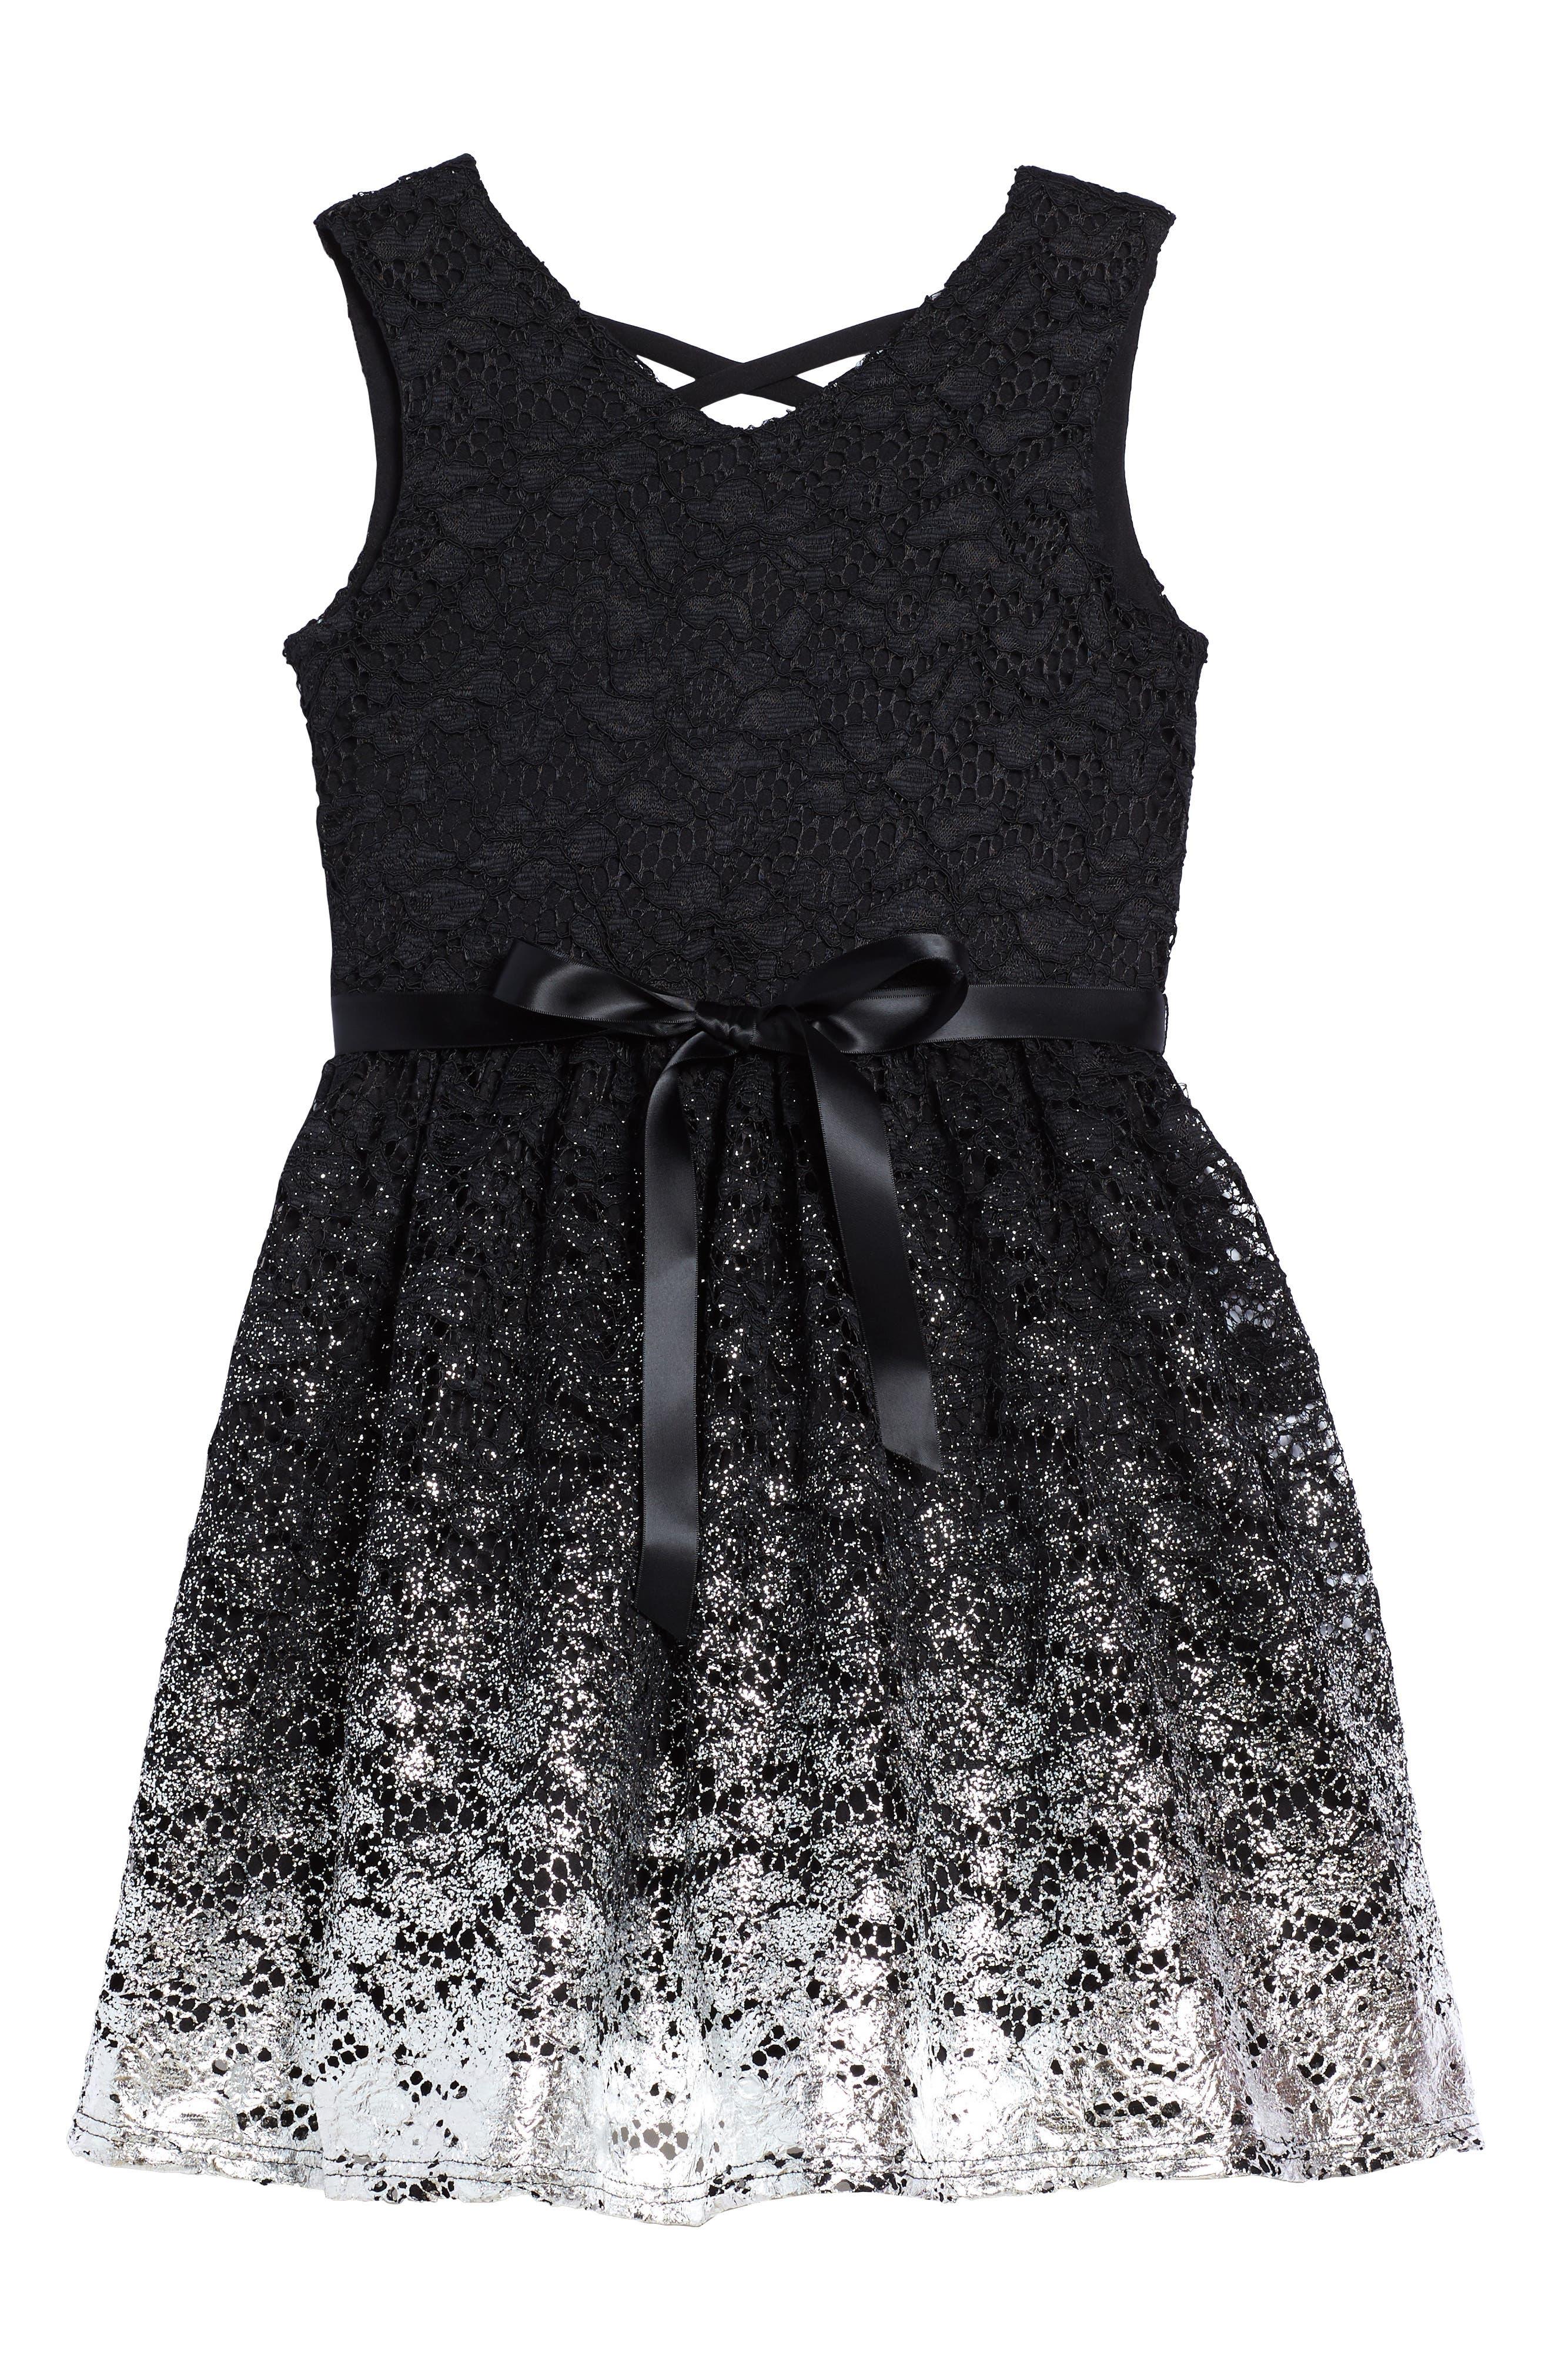 BLUSH by Us Angels Sleeveless Lace Dress (Big Girls)